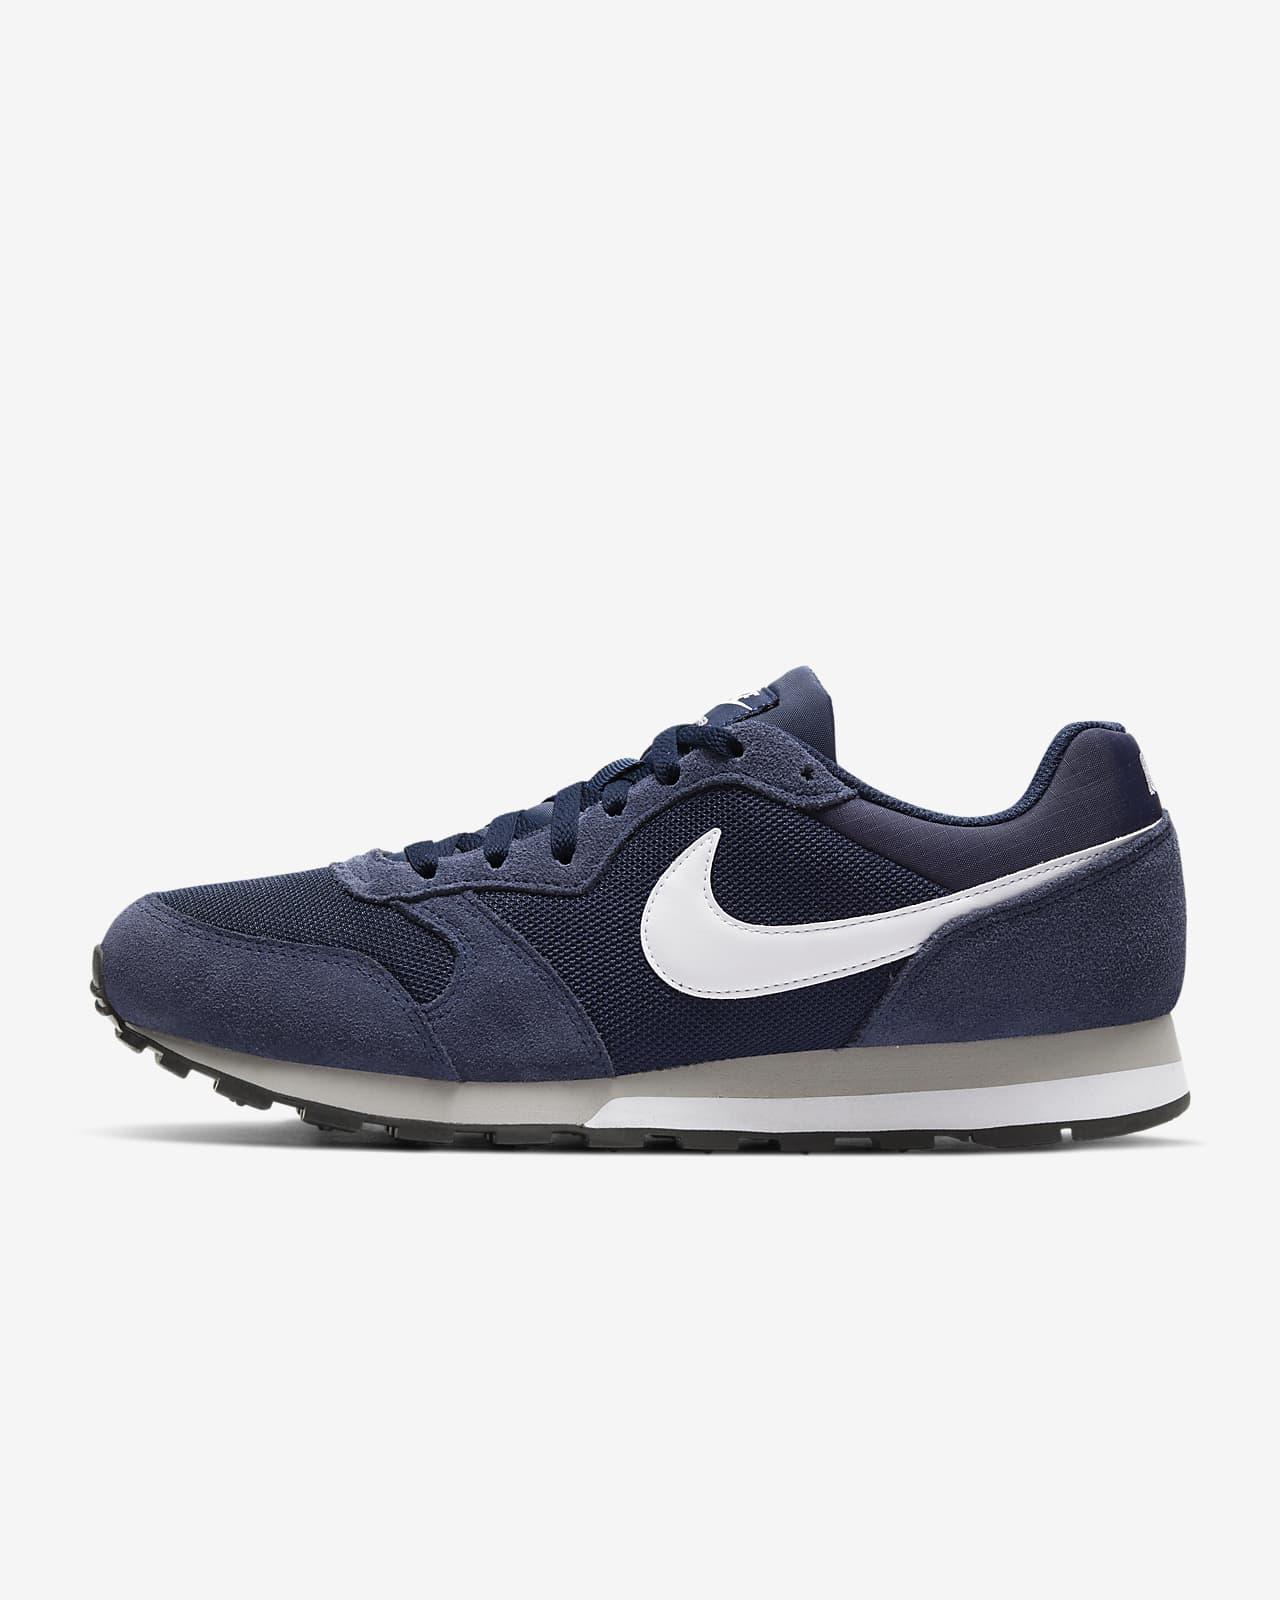 Ανδρικό παπούτσι Nike MD Runner 2